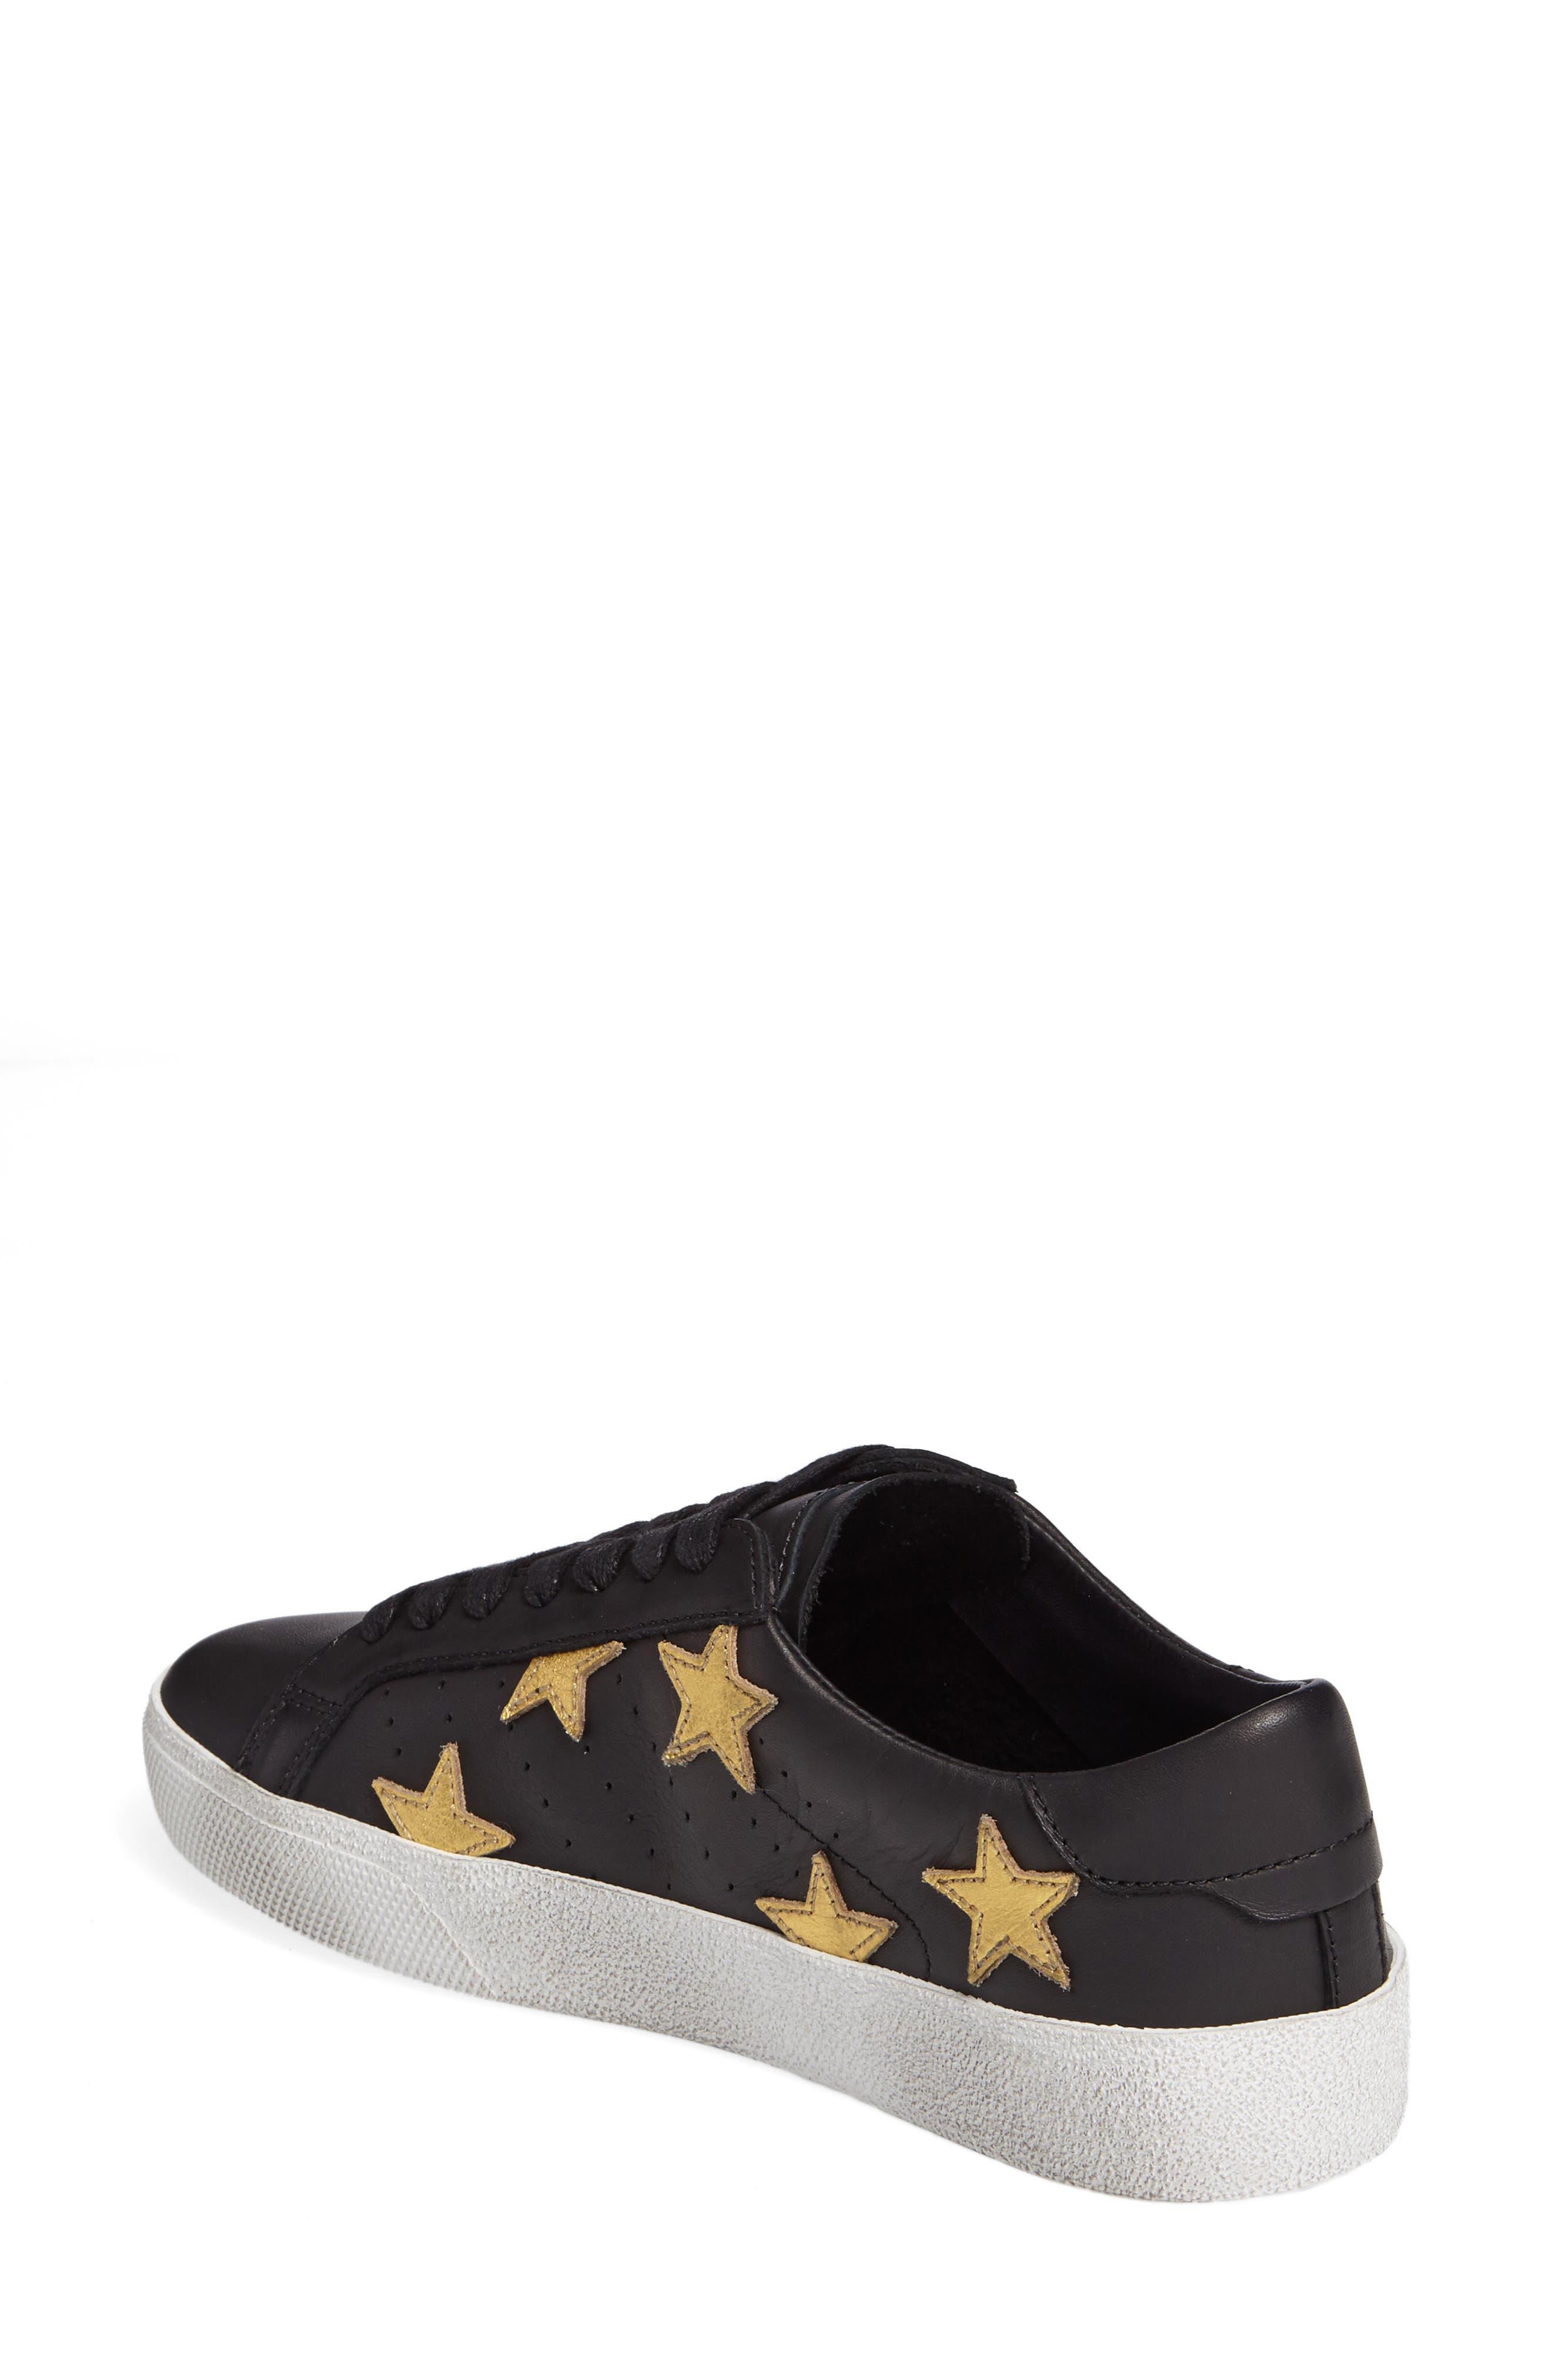 Alternate Image 2  - Mercer Edit Callback Star Sneaker (Women)